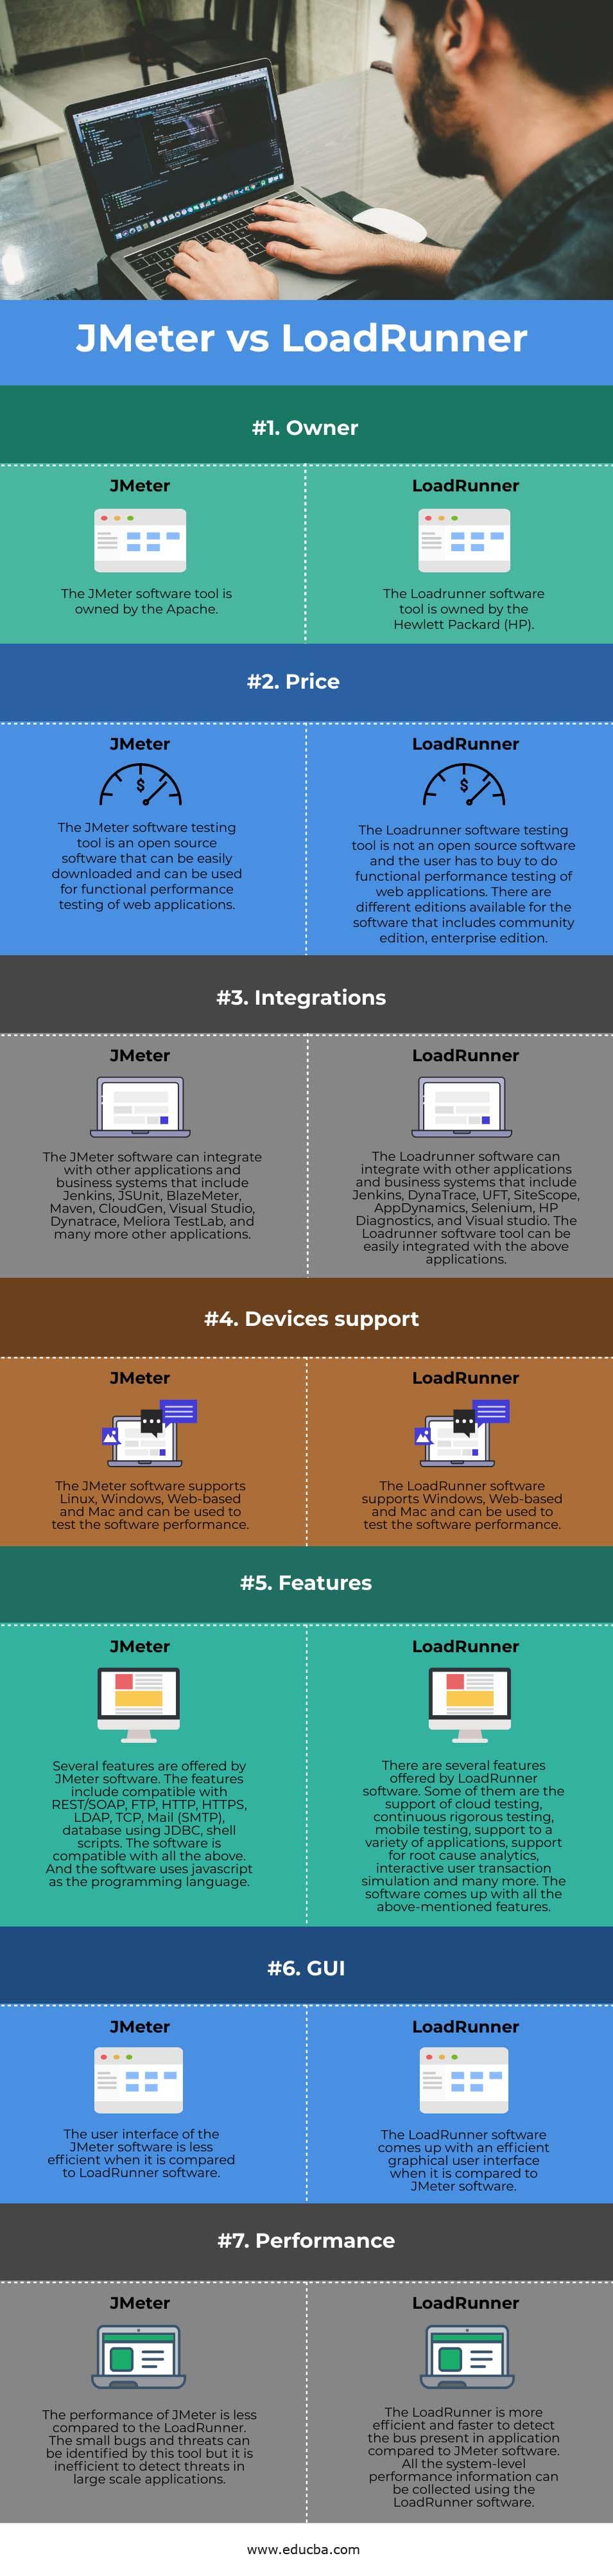 JMeter vs LoadRunner Info